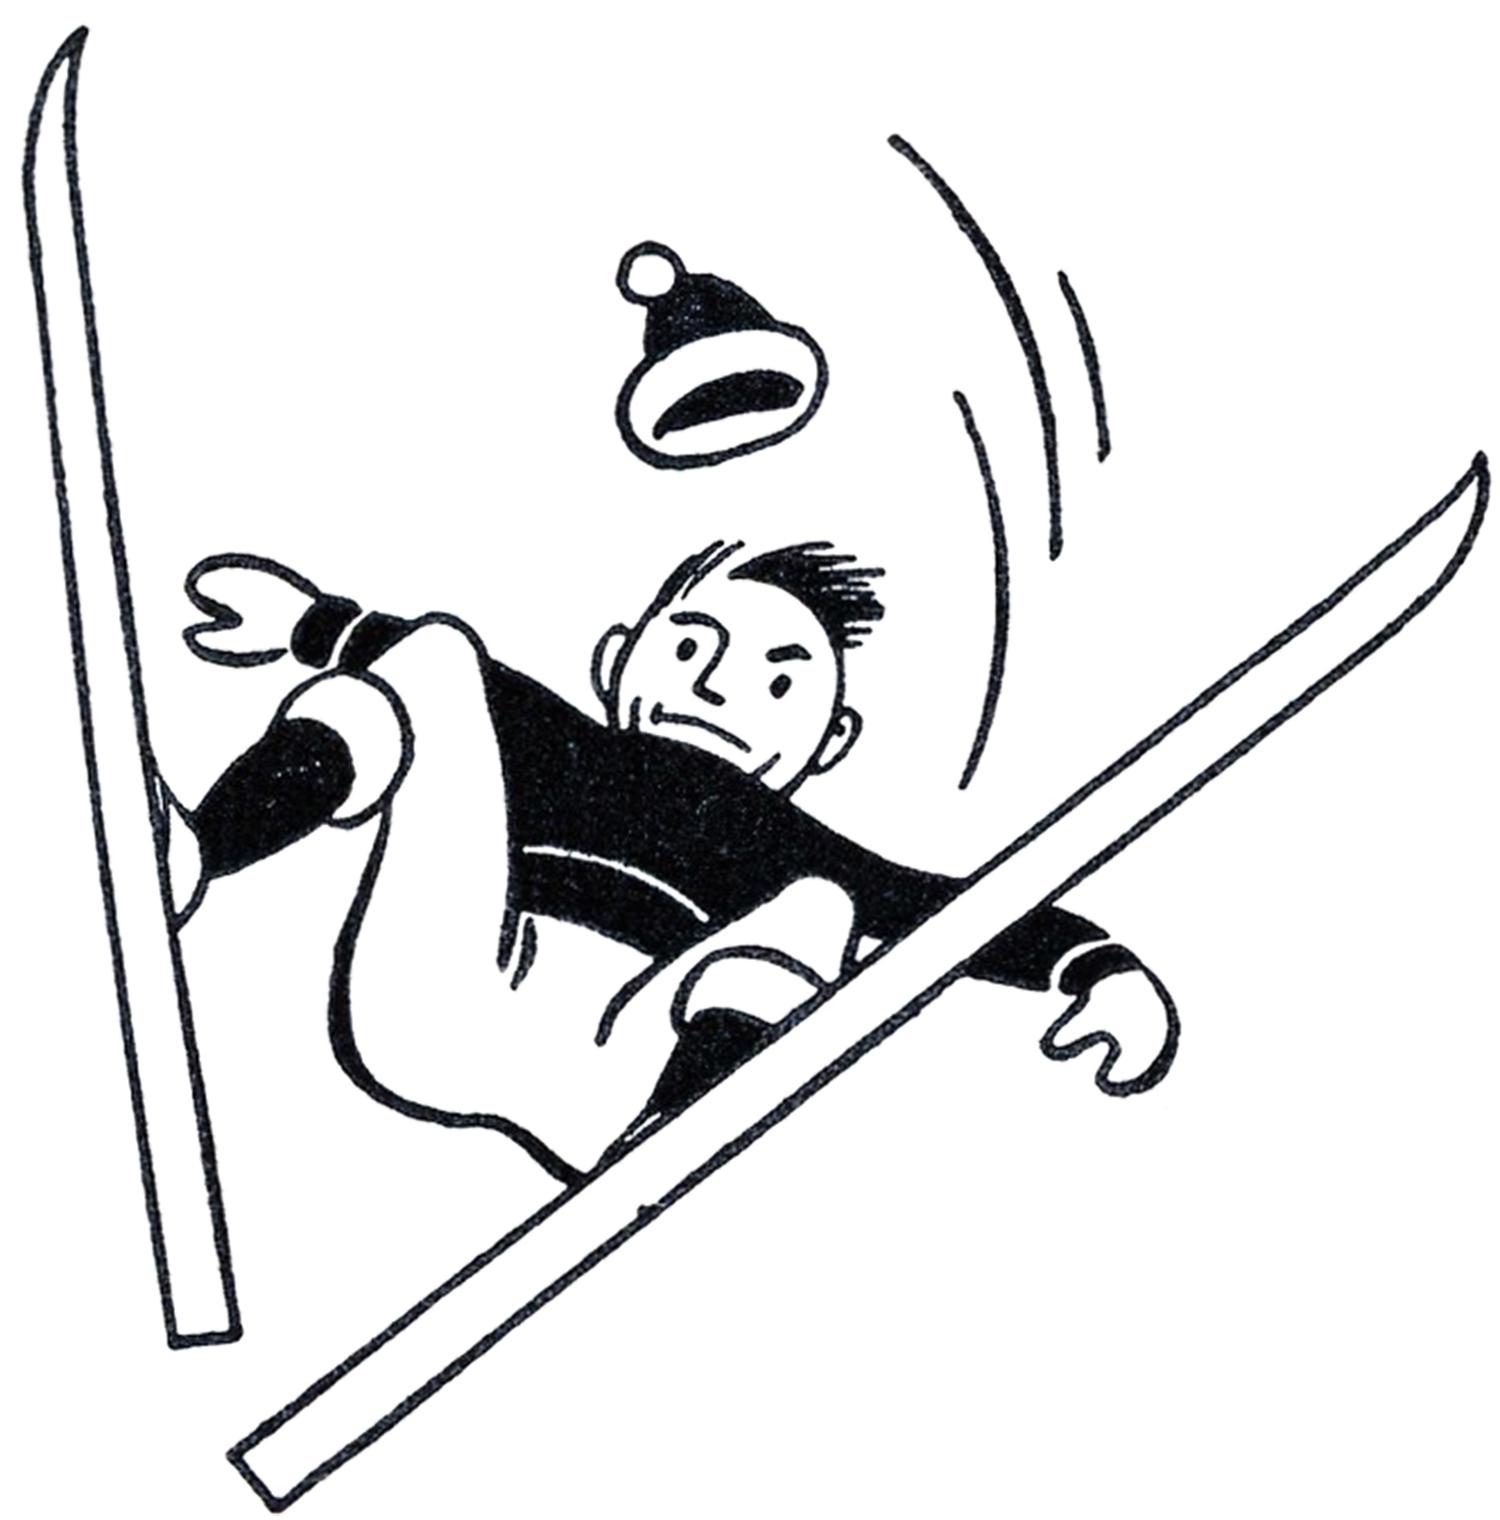 Free Ski Cliparts Black, Download Free Clip Art, Free Clip.